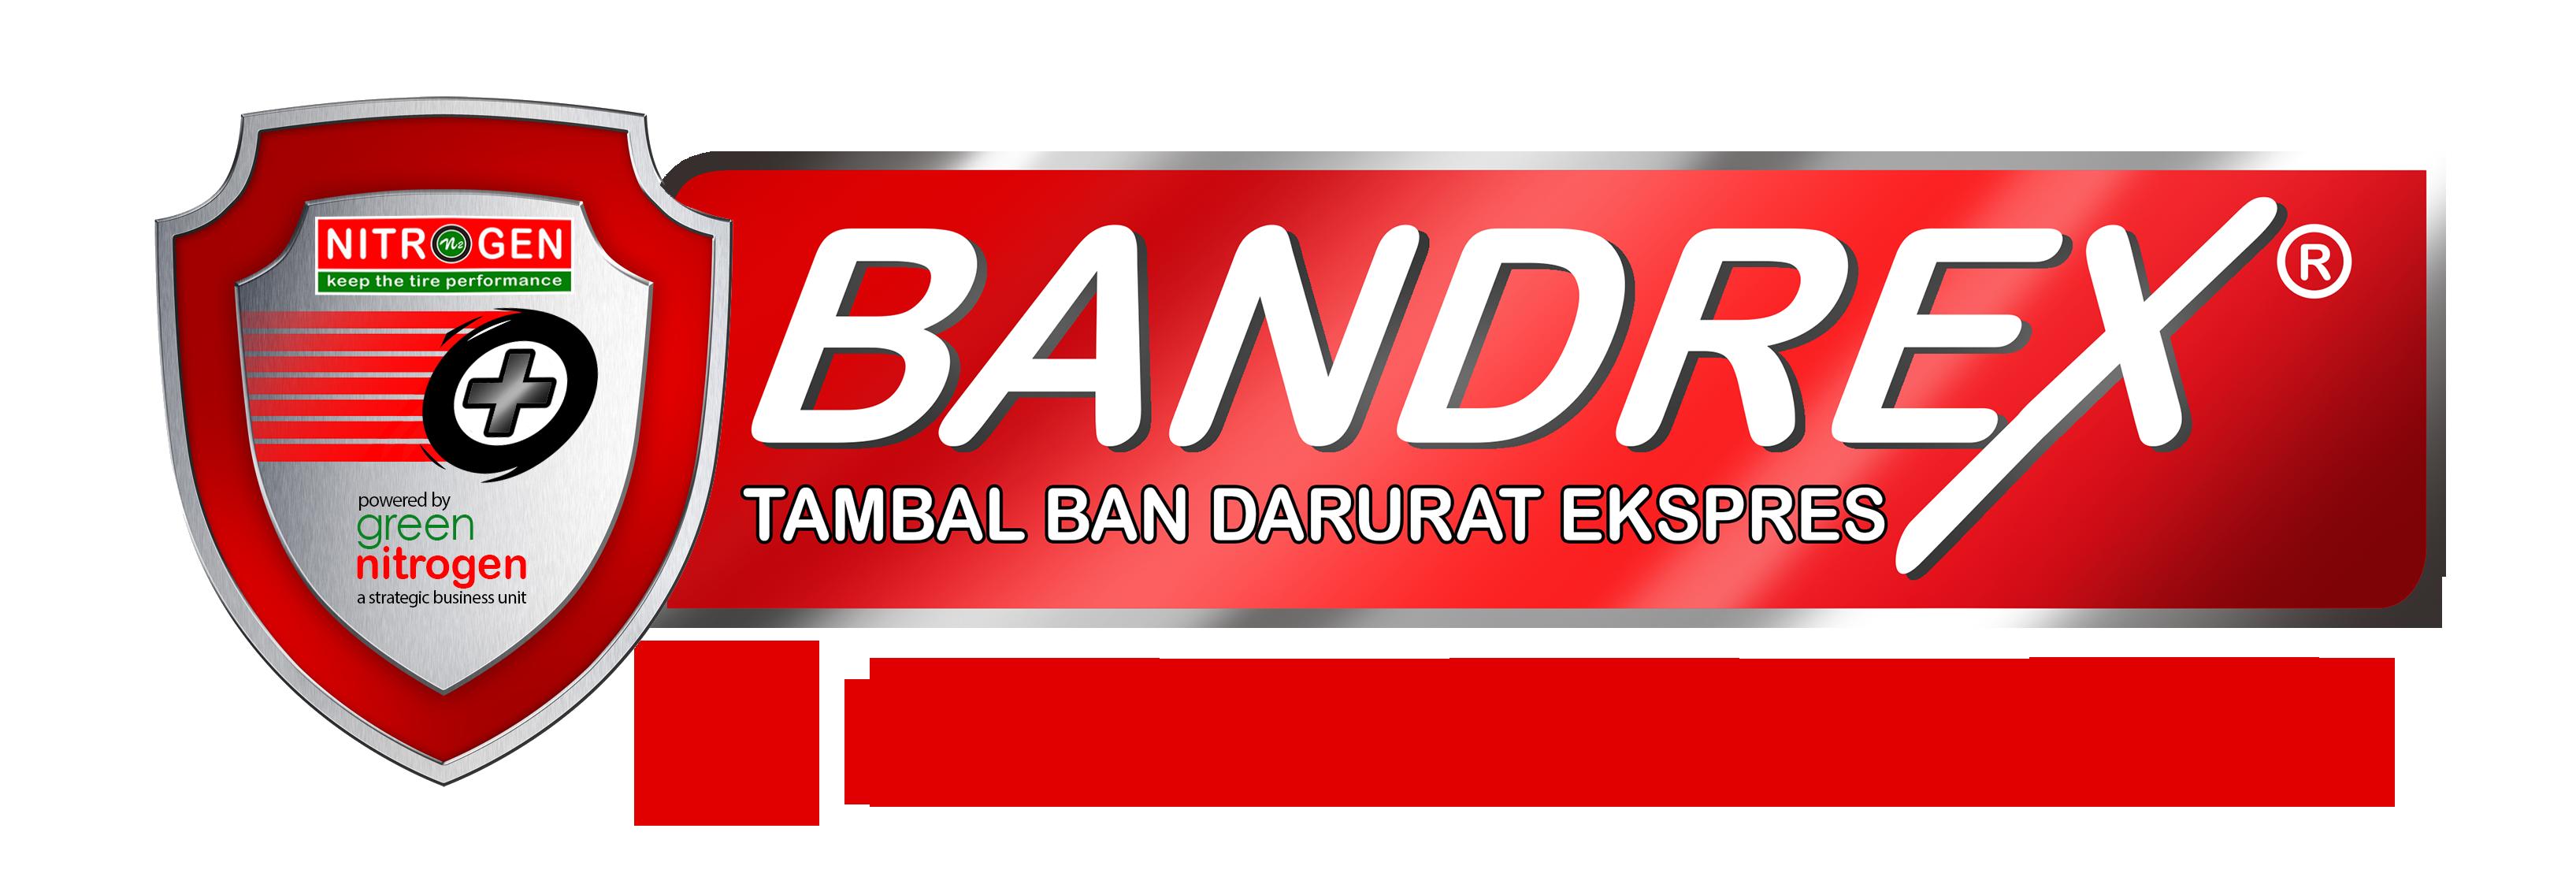 Bandrex Tambal Ban Darurat Ekspress